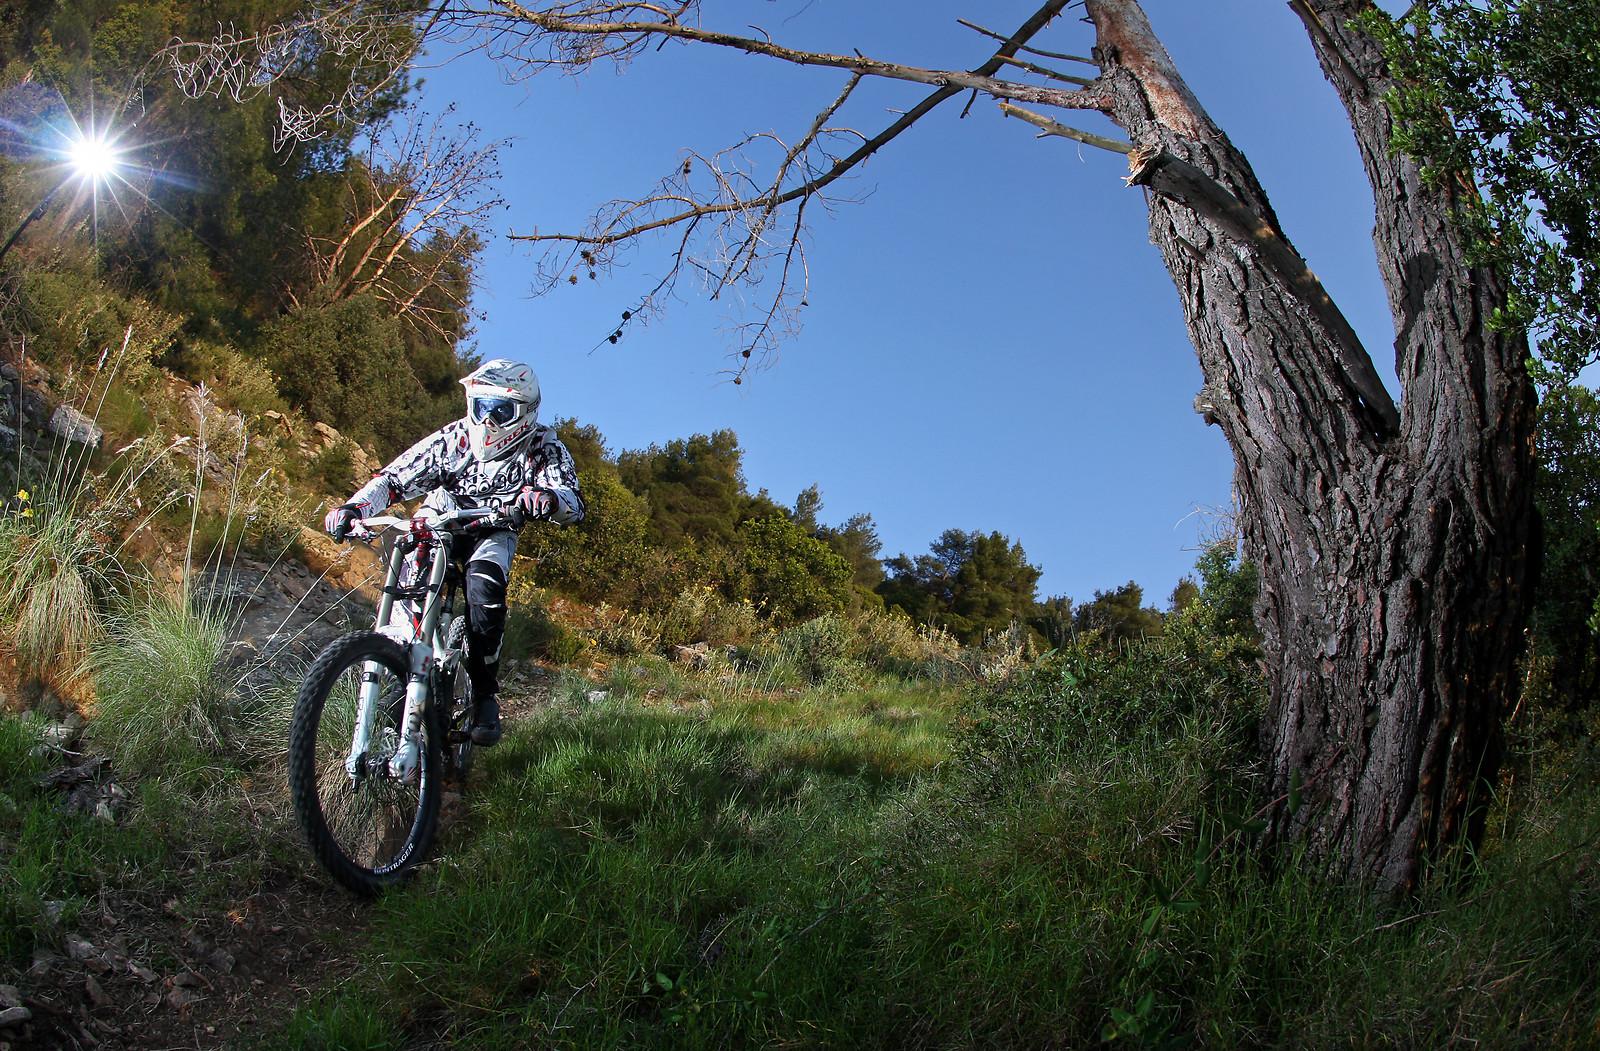 Alessio Toninelli - pappoulakos - Mountain Biking Pictures - Vital MTB